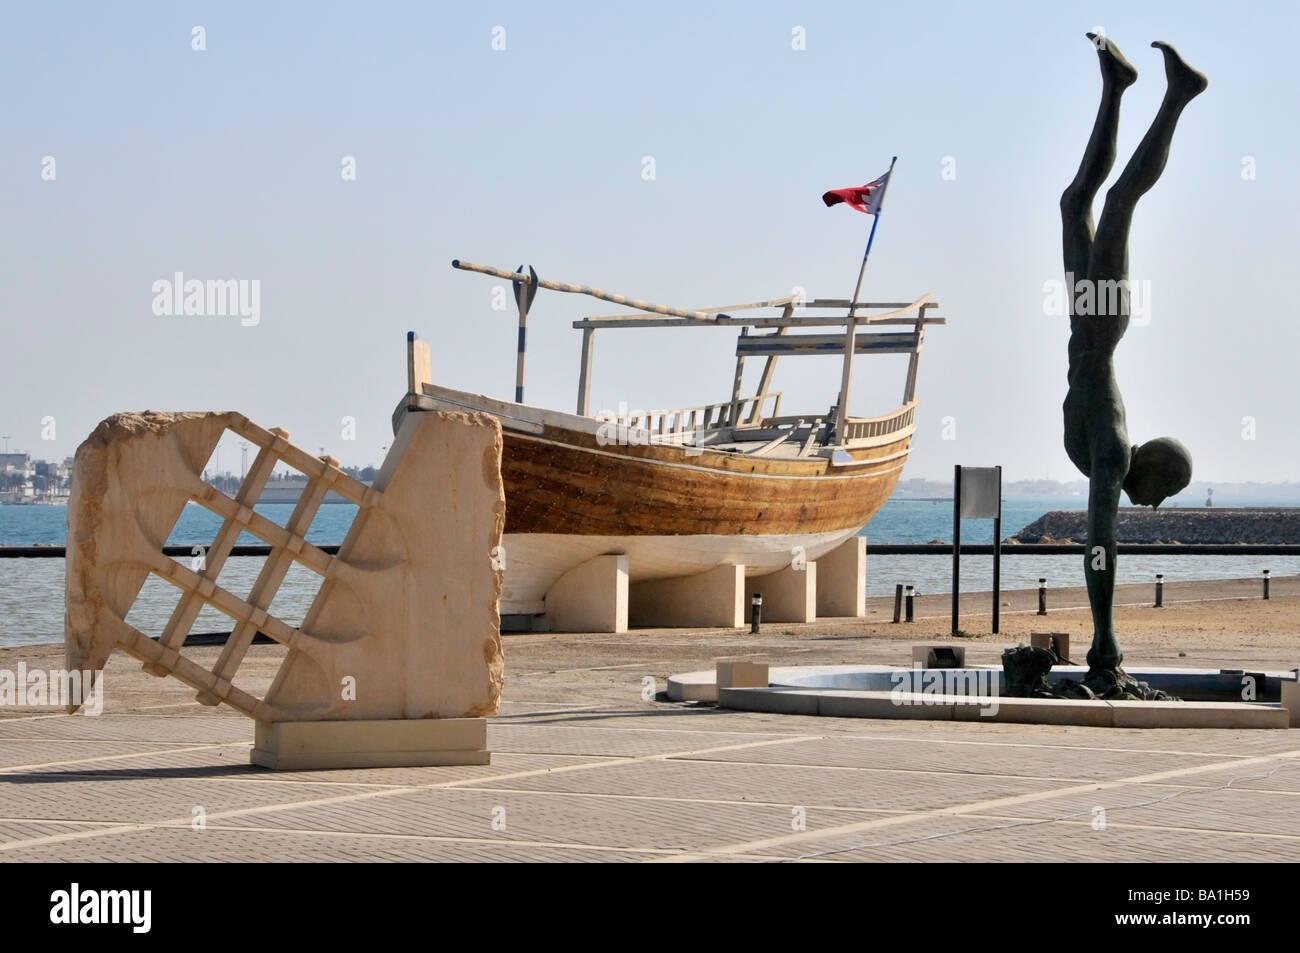 Bahrain Museo Nazionale presenta all'aperto comprendente un dhow e sculture Immagini Stock